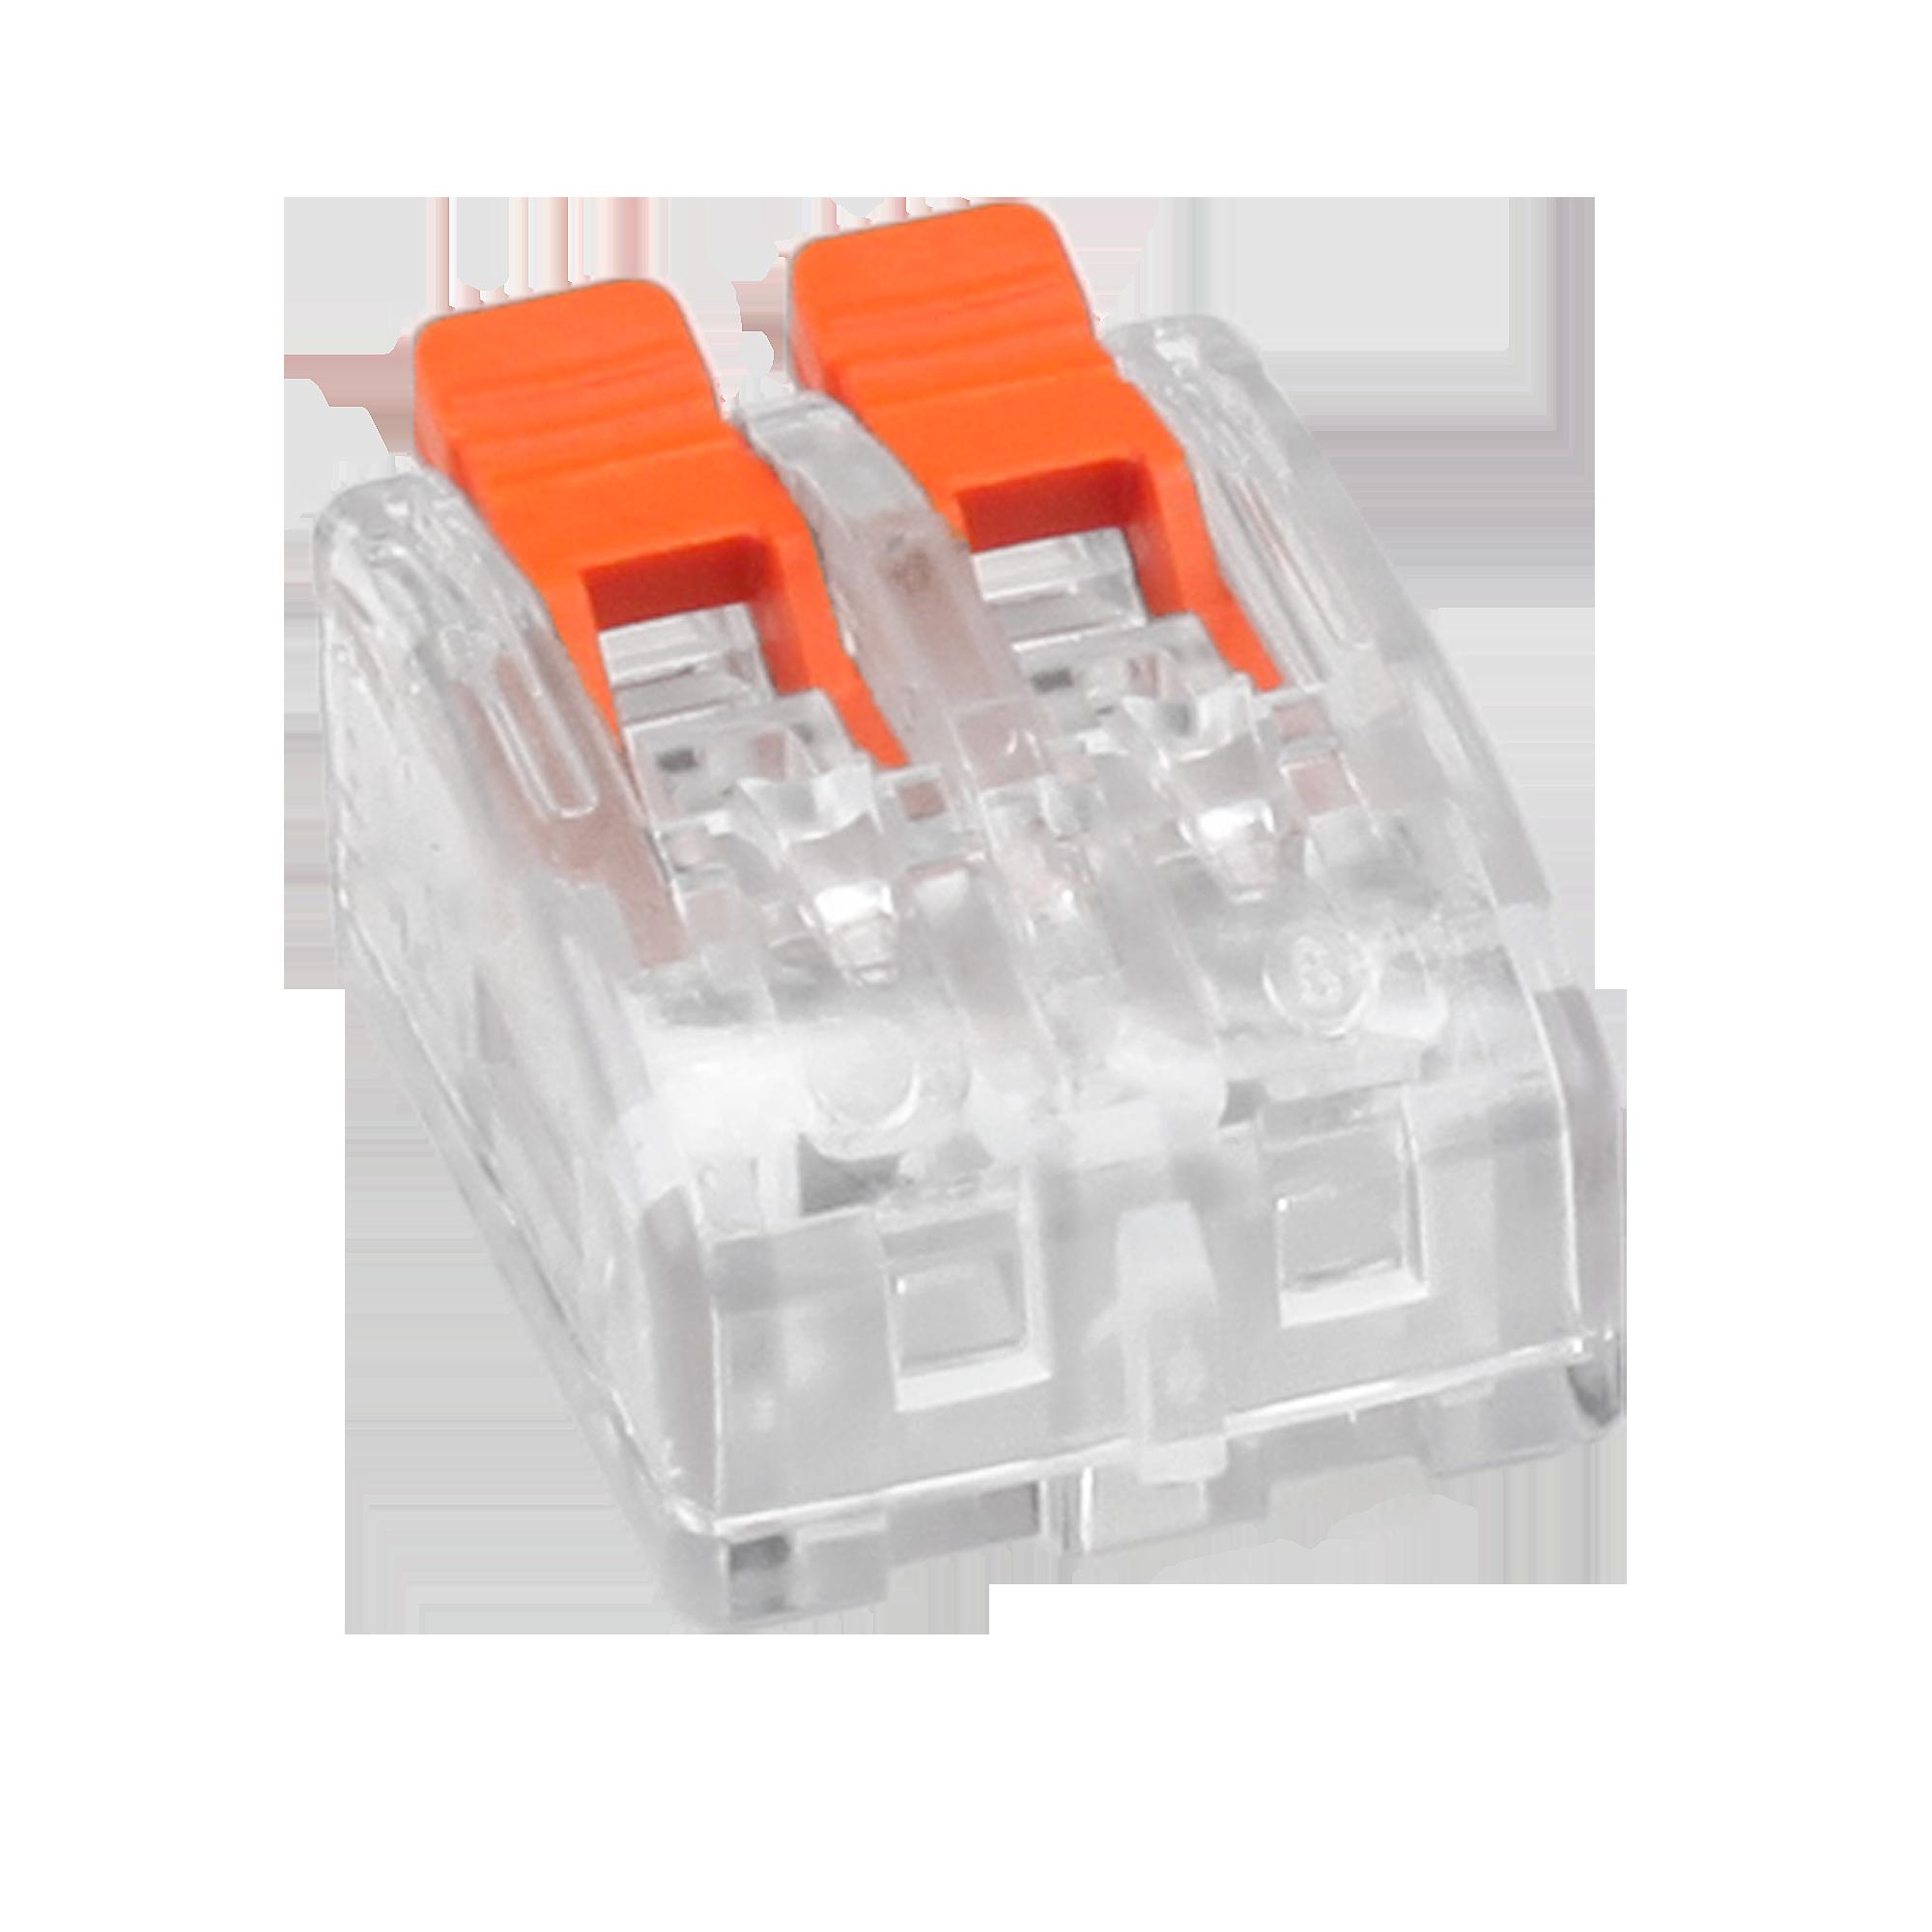 Złączka instalacyjna zasikowa 2-przewodowa; Na dowolny przewód 0,2-4mm²; IEC 450V/32A